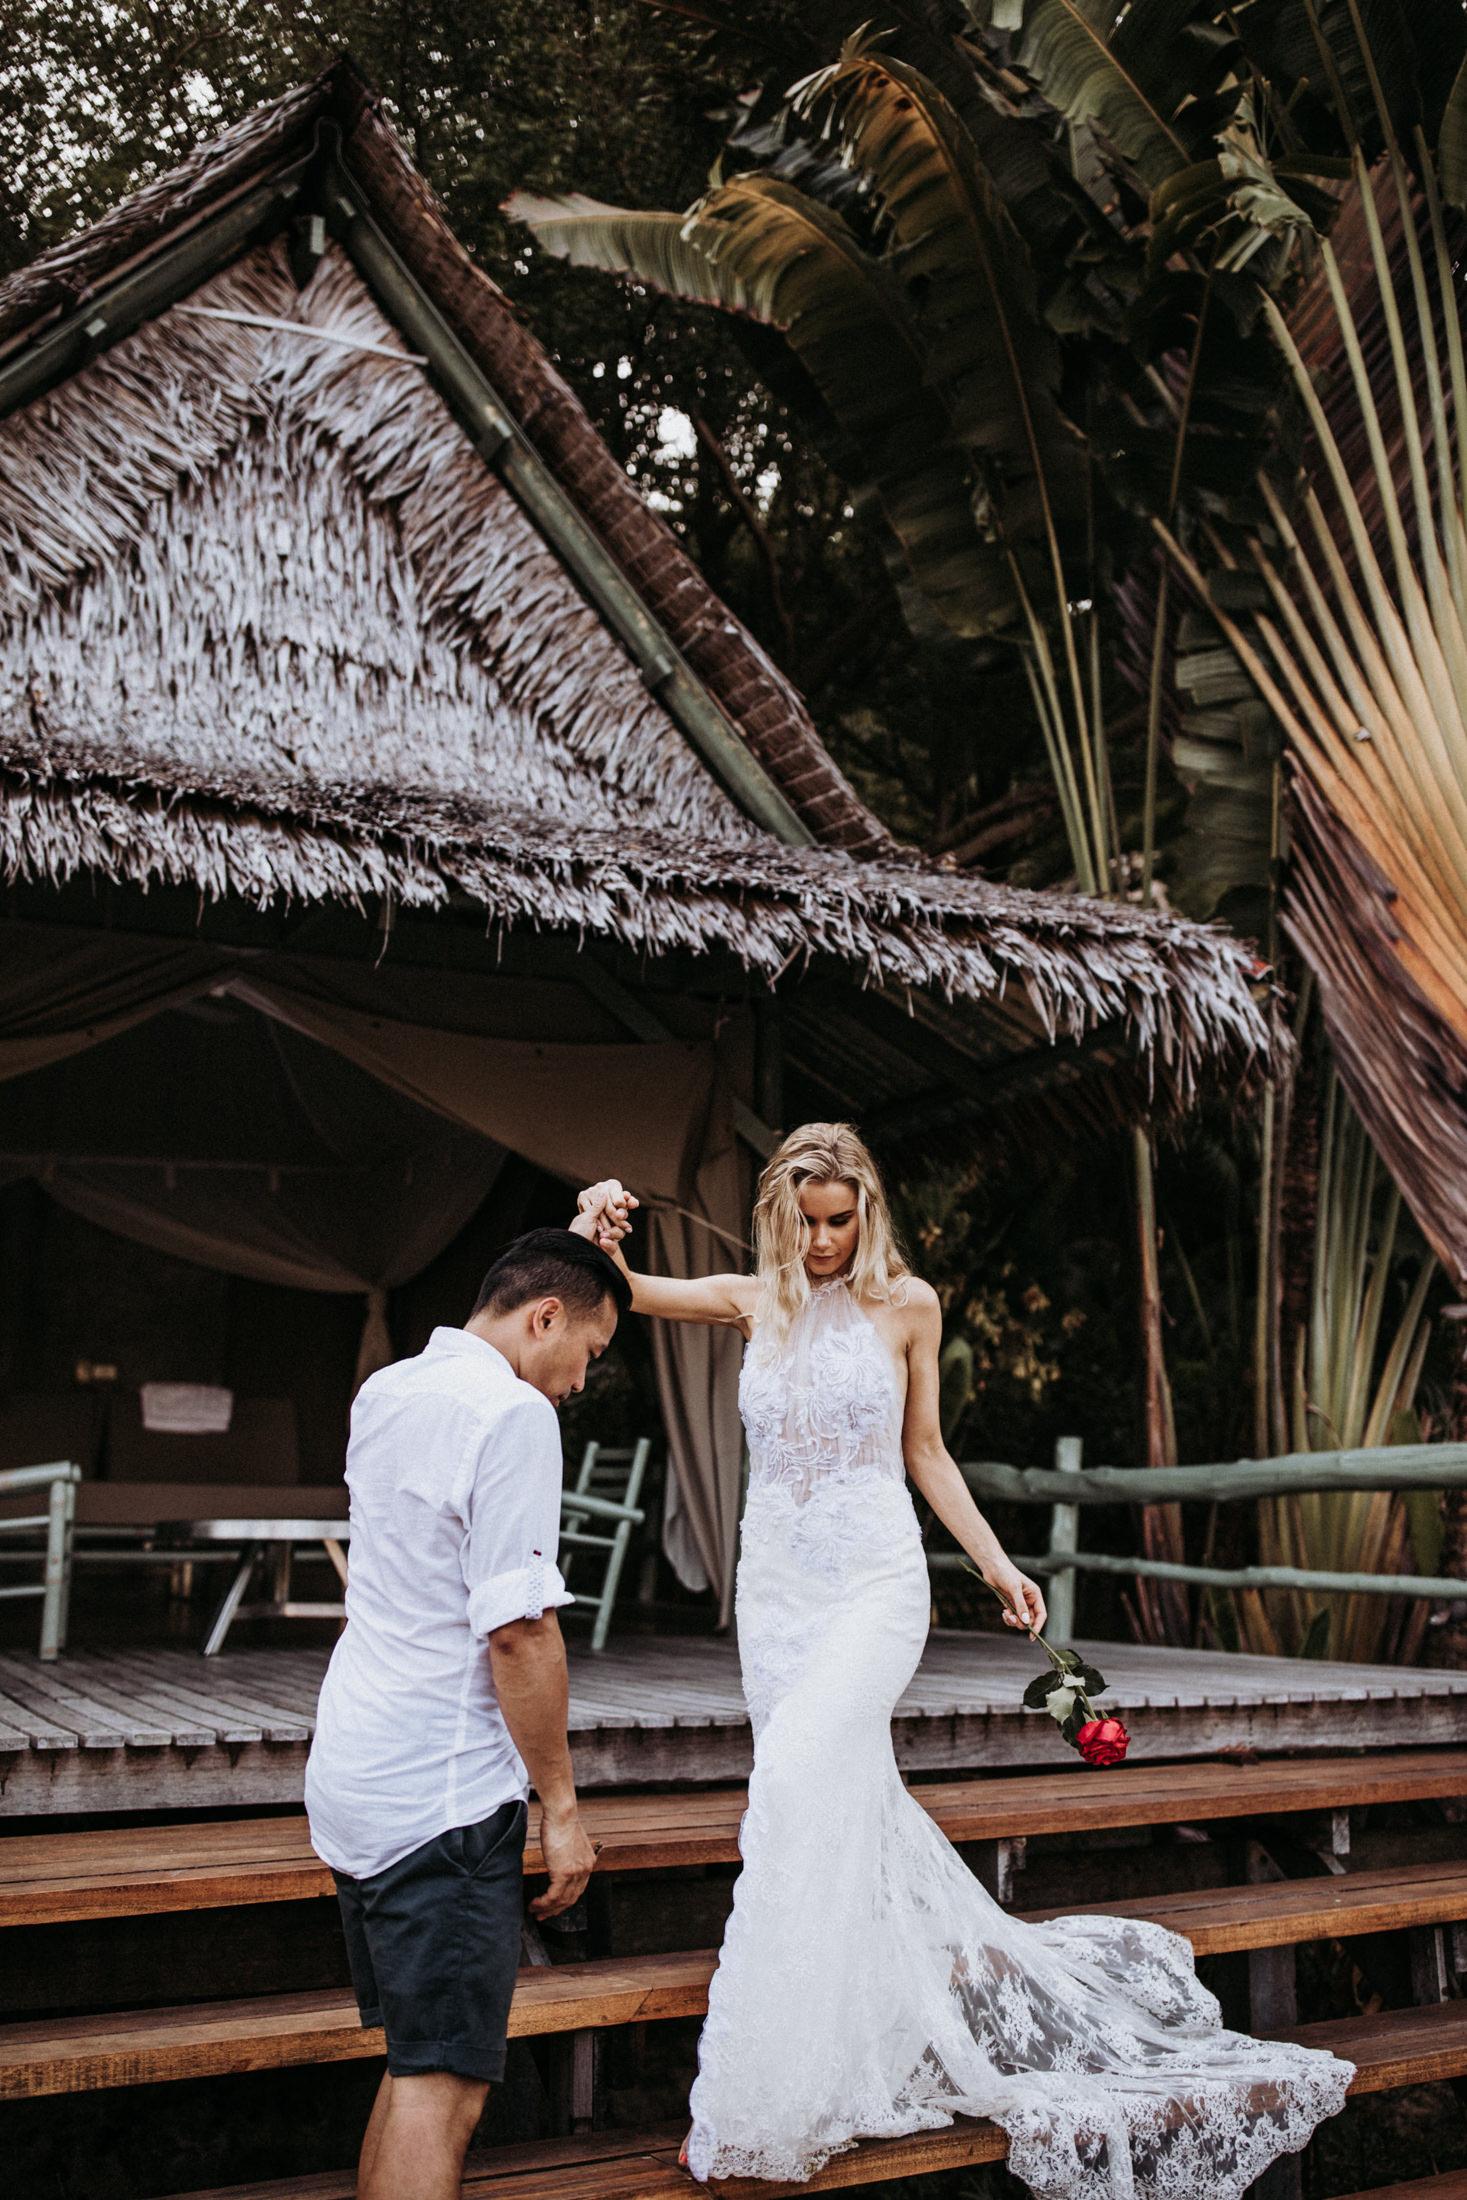 DanielaMarquardt_Wedding_Thailand_484